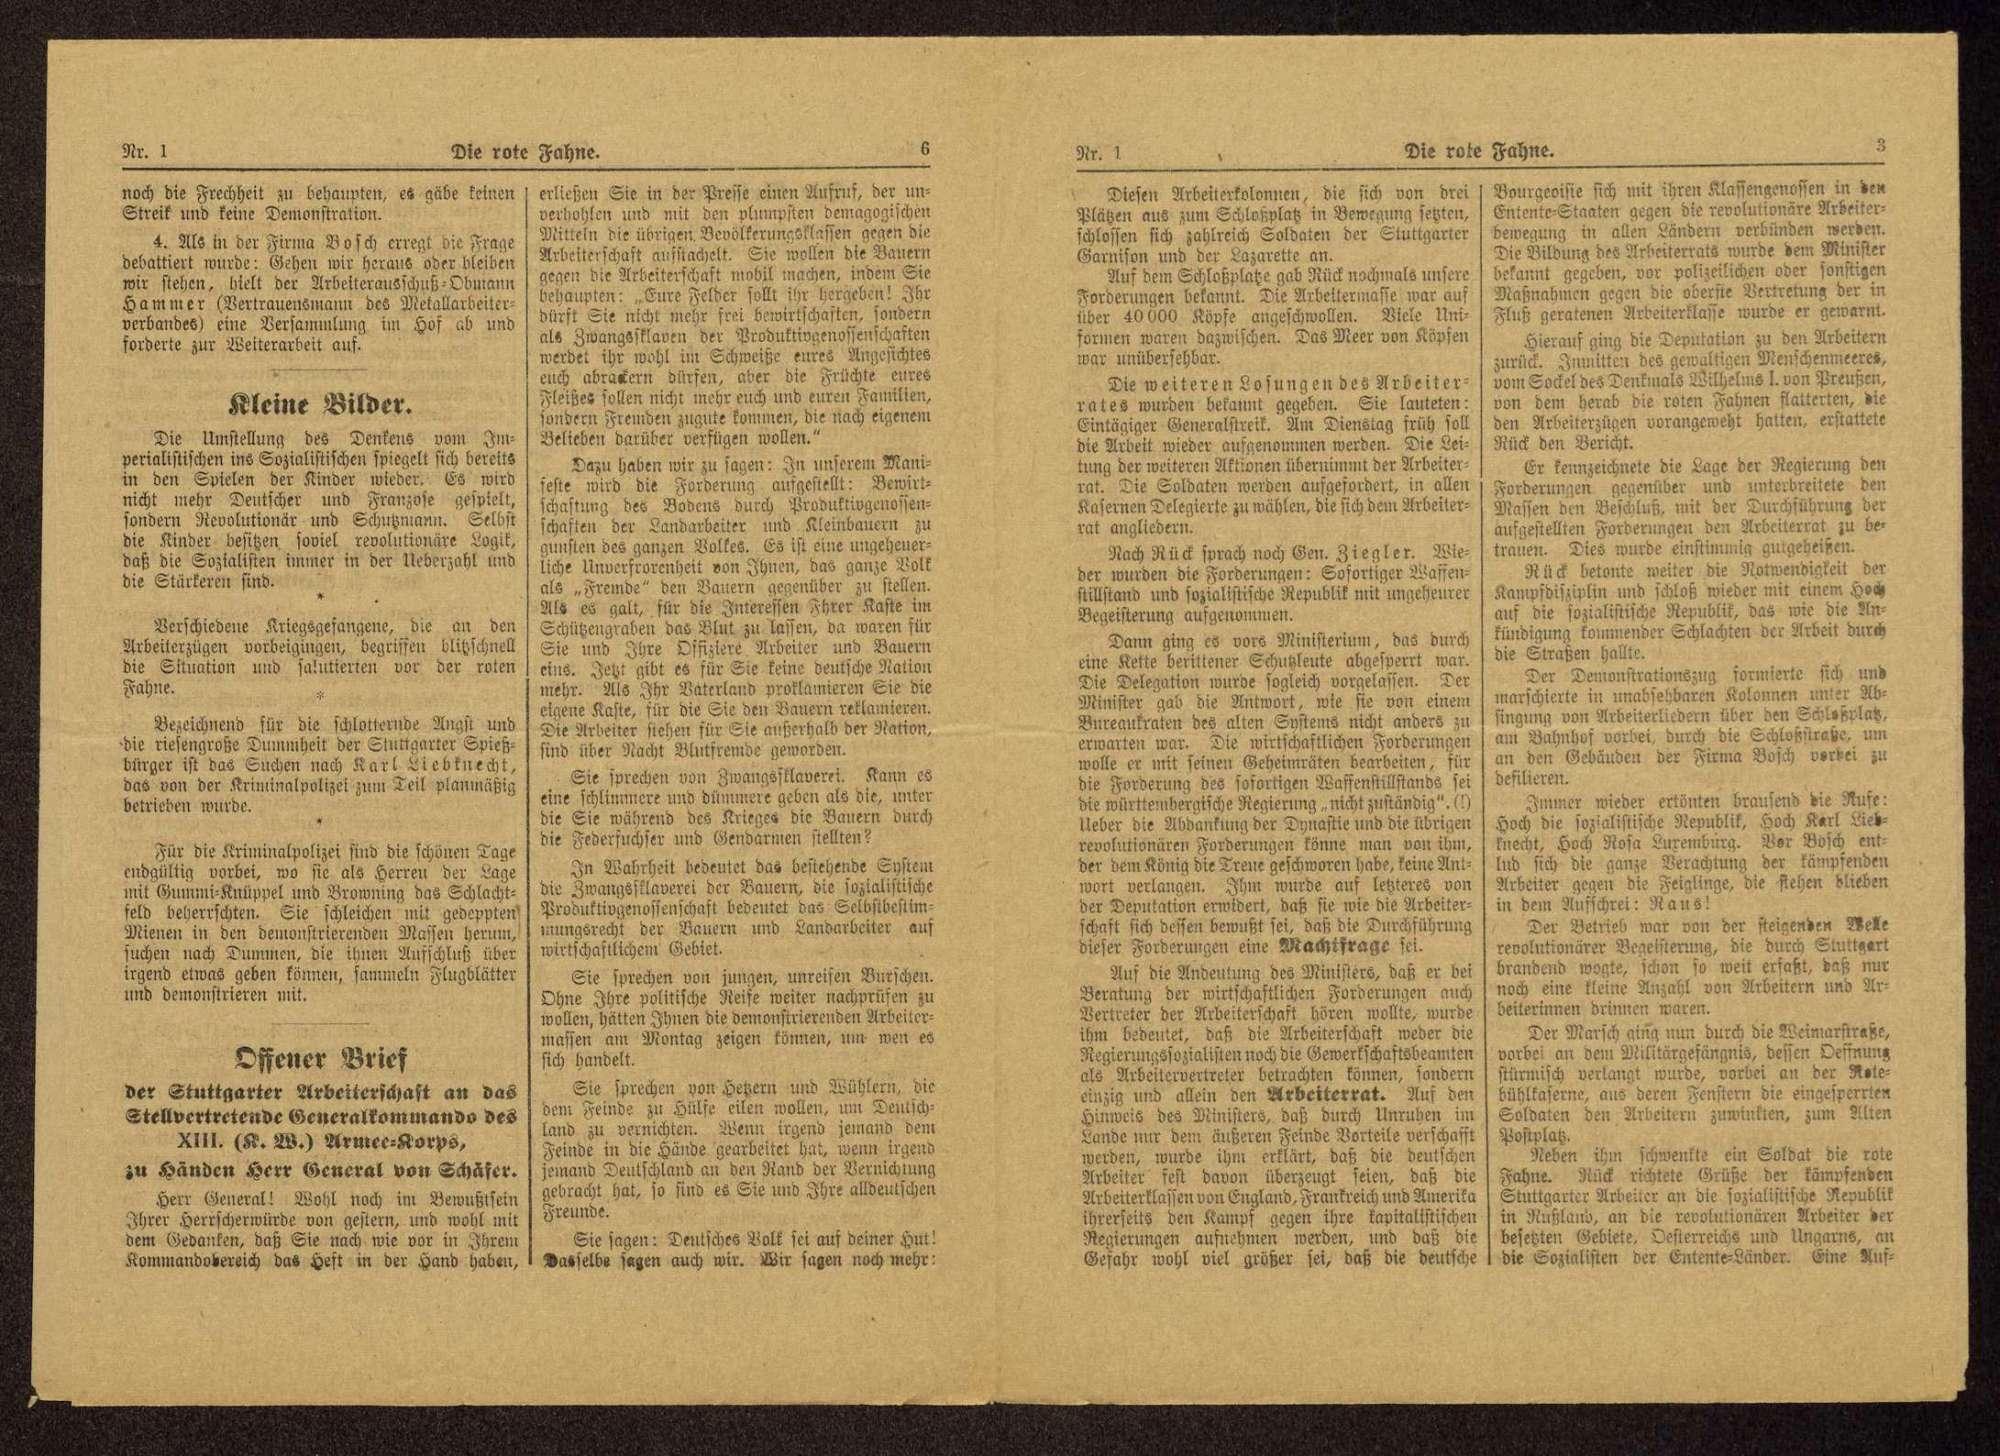 Die rote Fahne. Mitteilungsblatt des Stuttgarter Arbeiter- und Soldatenrats. Zentralorgan sämtlicher Arbeiter- und Soldatenräte Württembergs, Bild 3